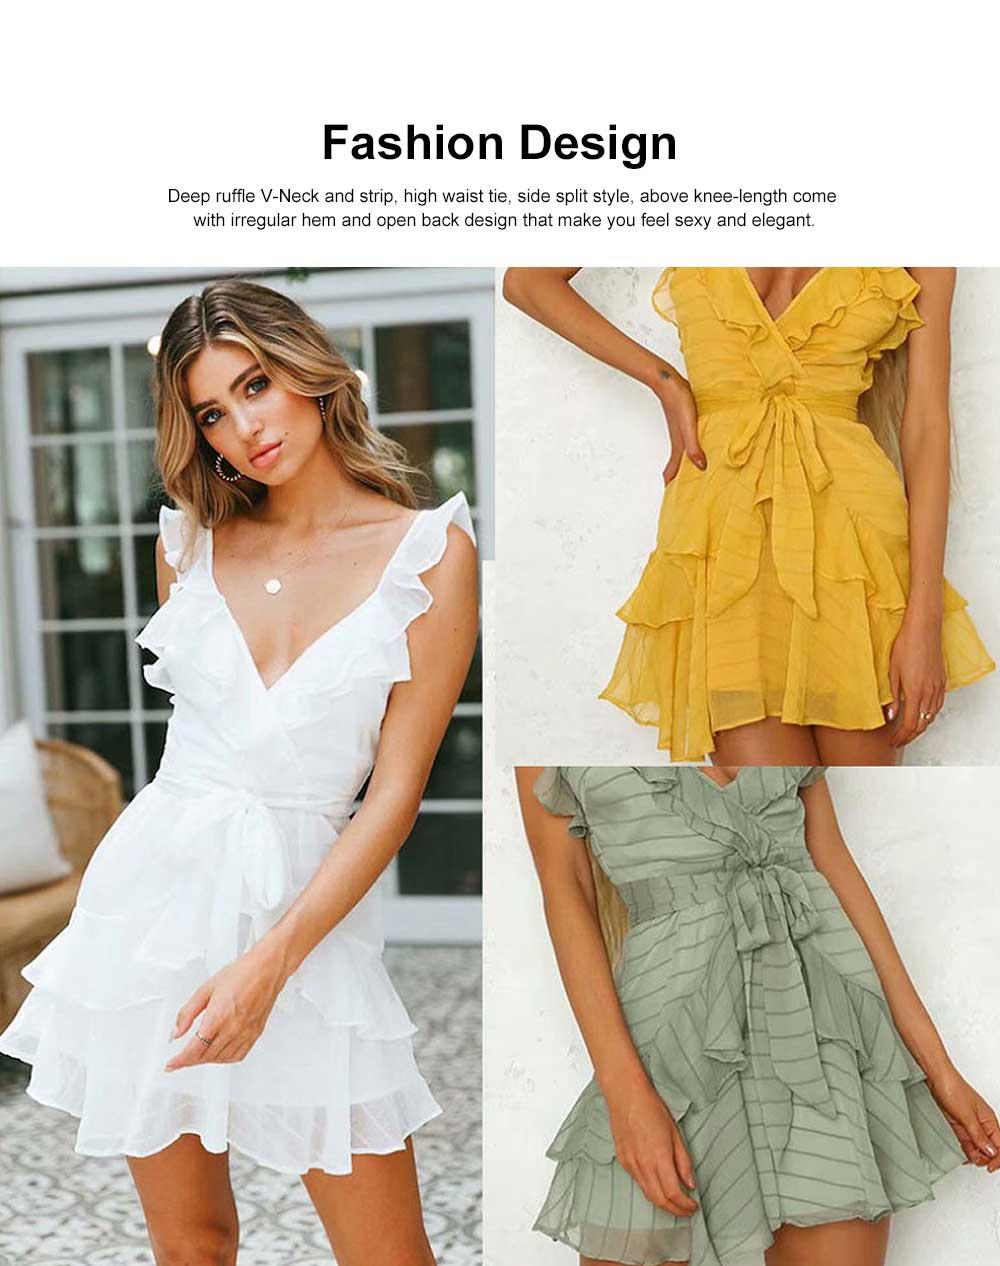 Women Summer Mini Dress Ruffle V-neck Side Split Sleeveless Boho Dress High Waist Tie A Line Sweat Beach Dresses Best Gifts for Women 2